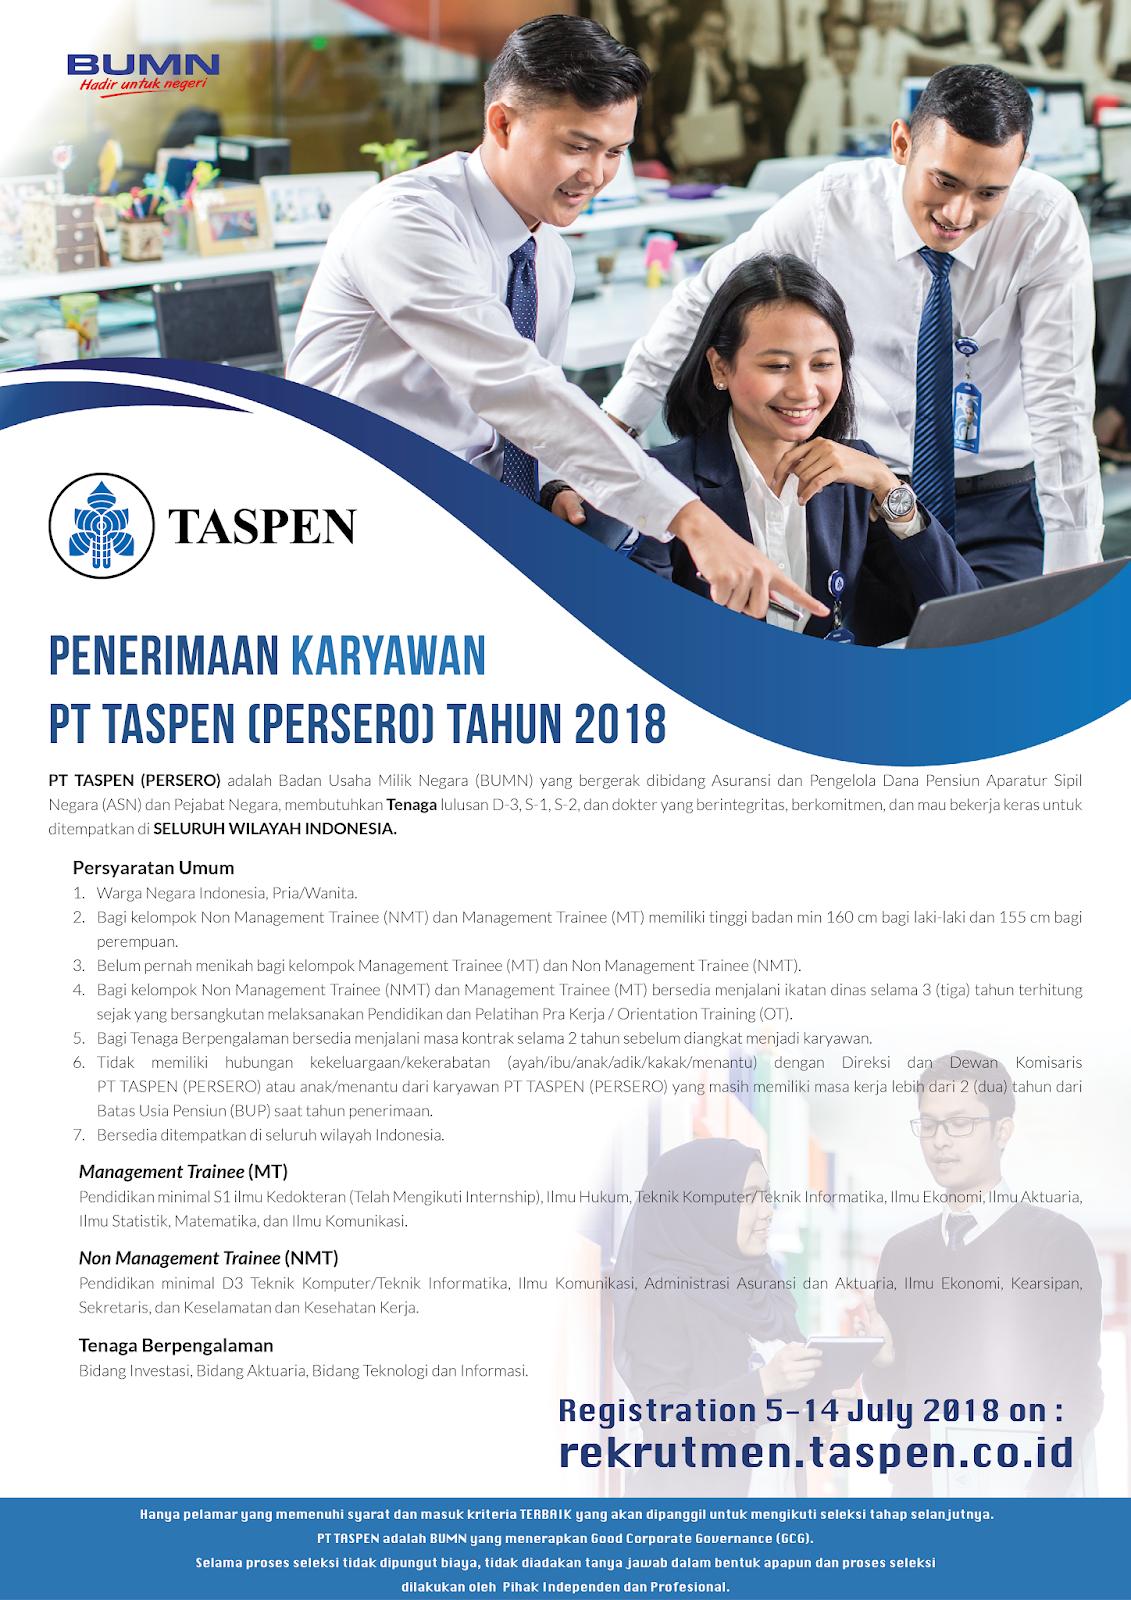 Lowongan Kerja Online PT Taspen (Persero) Besar Besaran